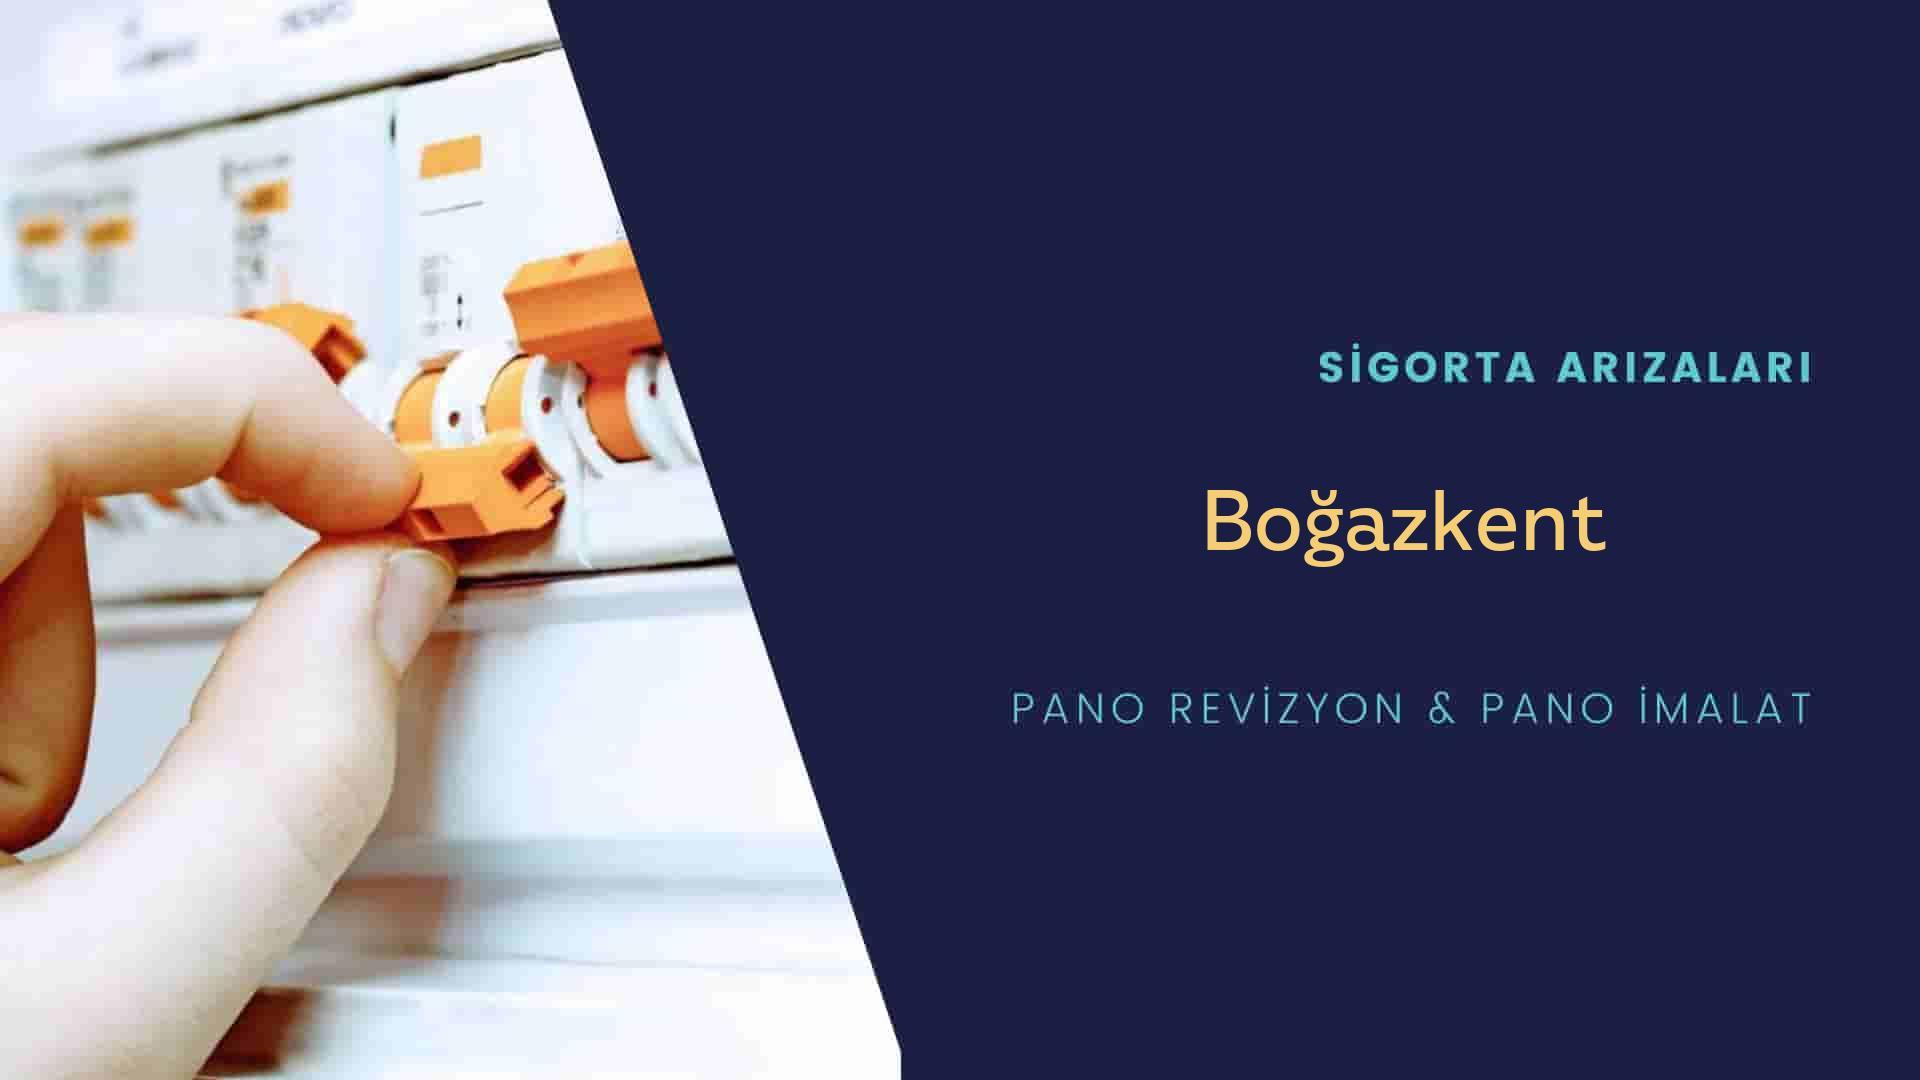 Boğazkent Sigorta Arızaları İçin Profesyonel Elektrikçi ustalarımızı dilediğiniz zaman arayabilir talepte bulunabilirsiniz.